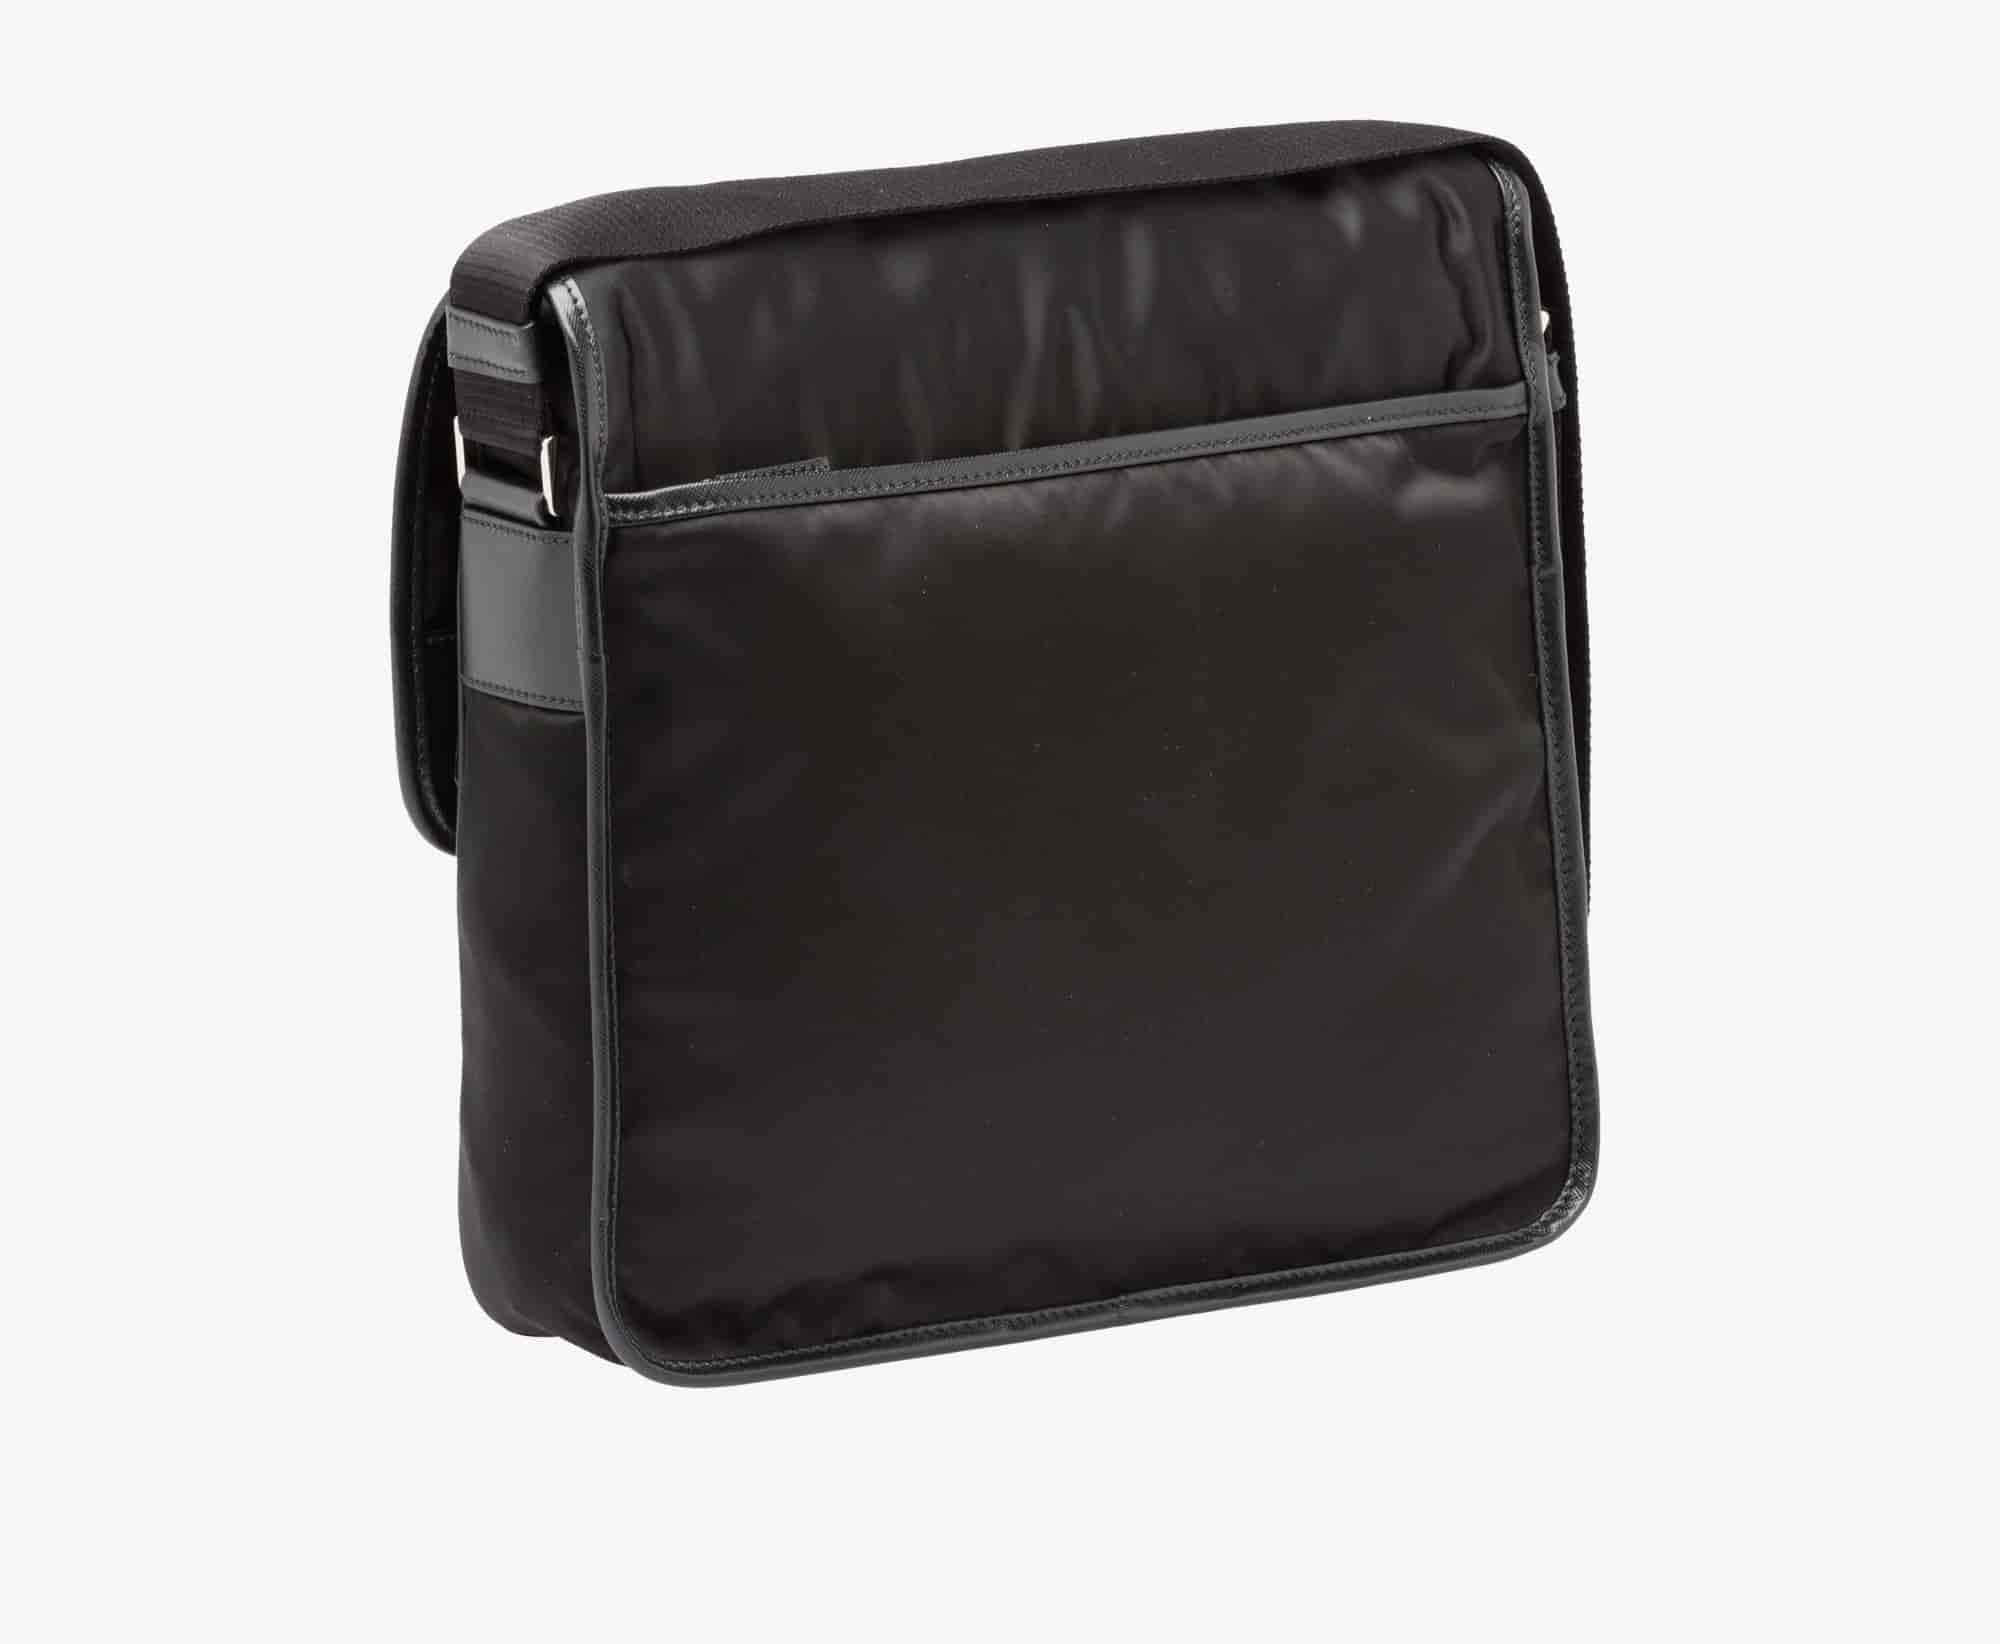 Prada Men Messenger Bag Black [2VD951 064 F0002 V OOO]